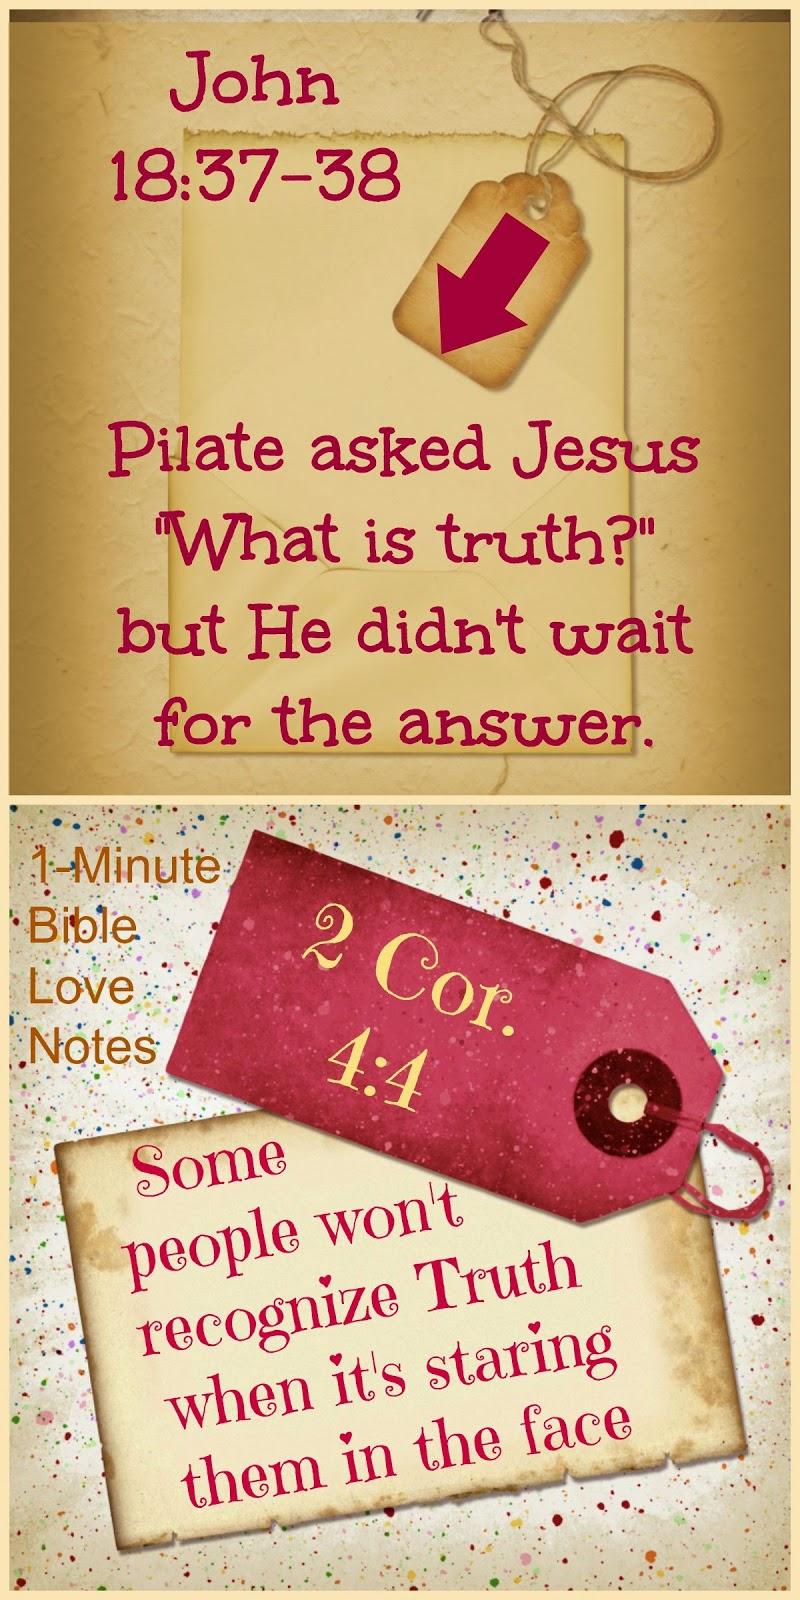 Proverbs 23:9, fools spurn wisdom, atheists spurn wisdom